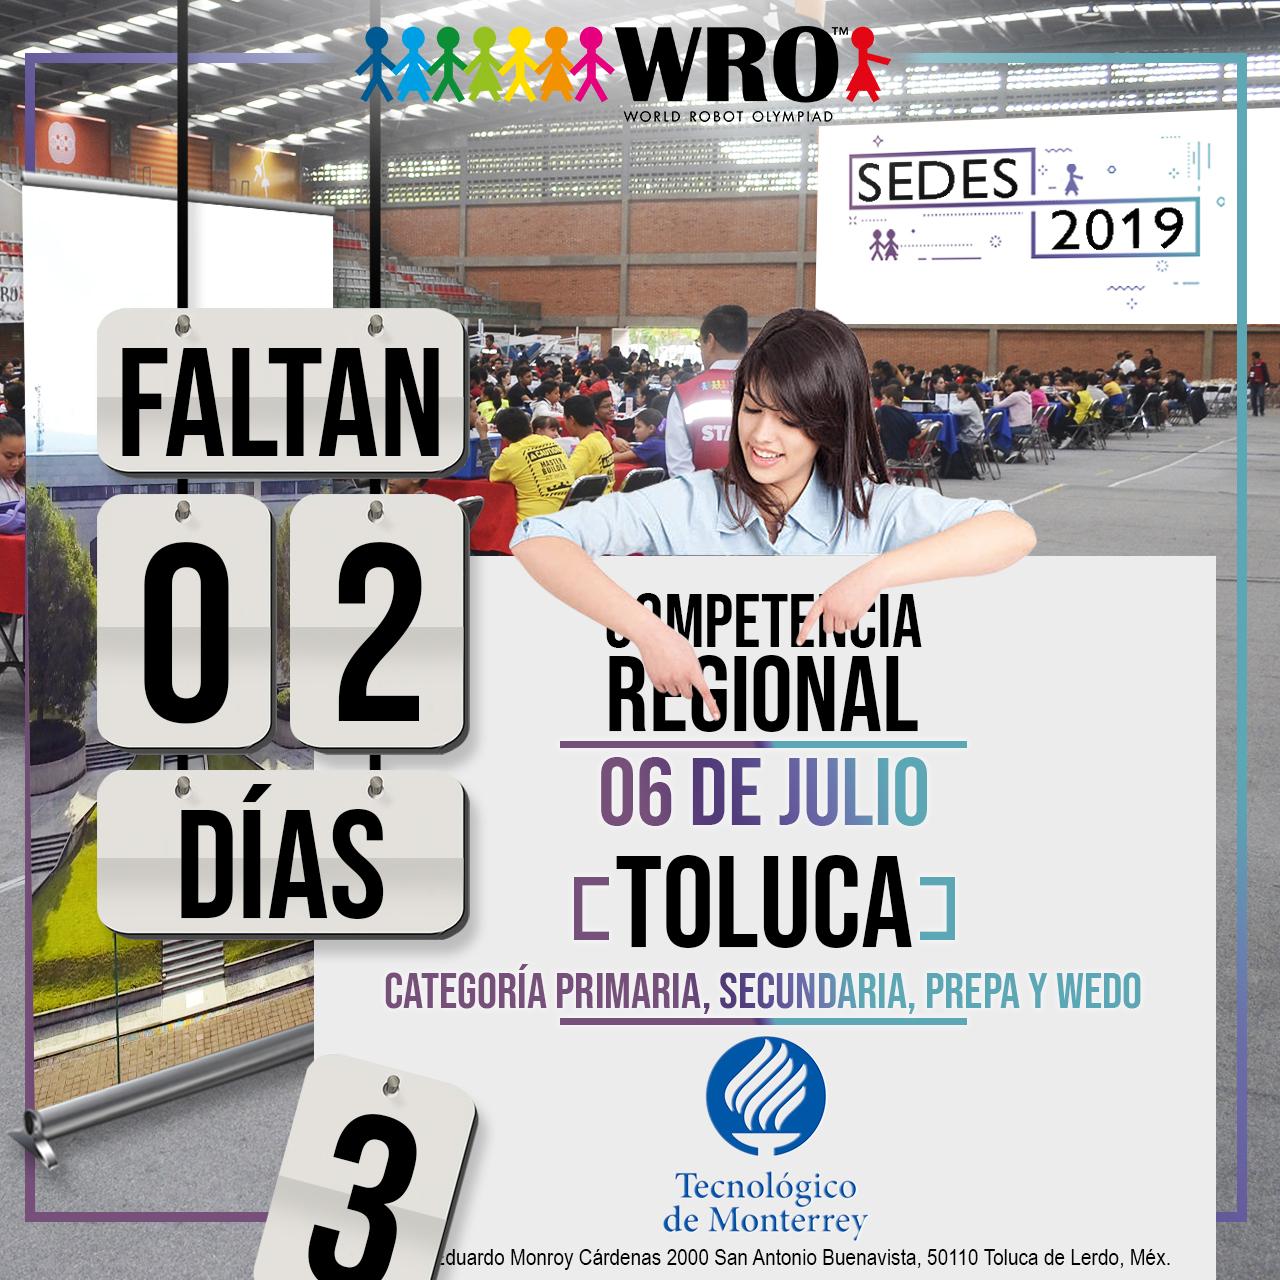 WRO México | Faltan 2 días Sede Toluca